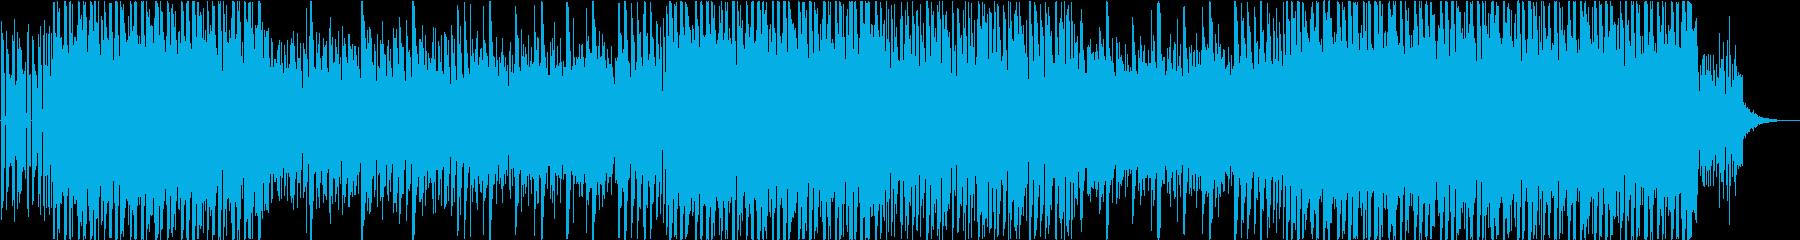 シネマティック風サウンドのヒップホップの再生済みの波形